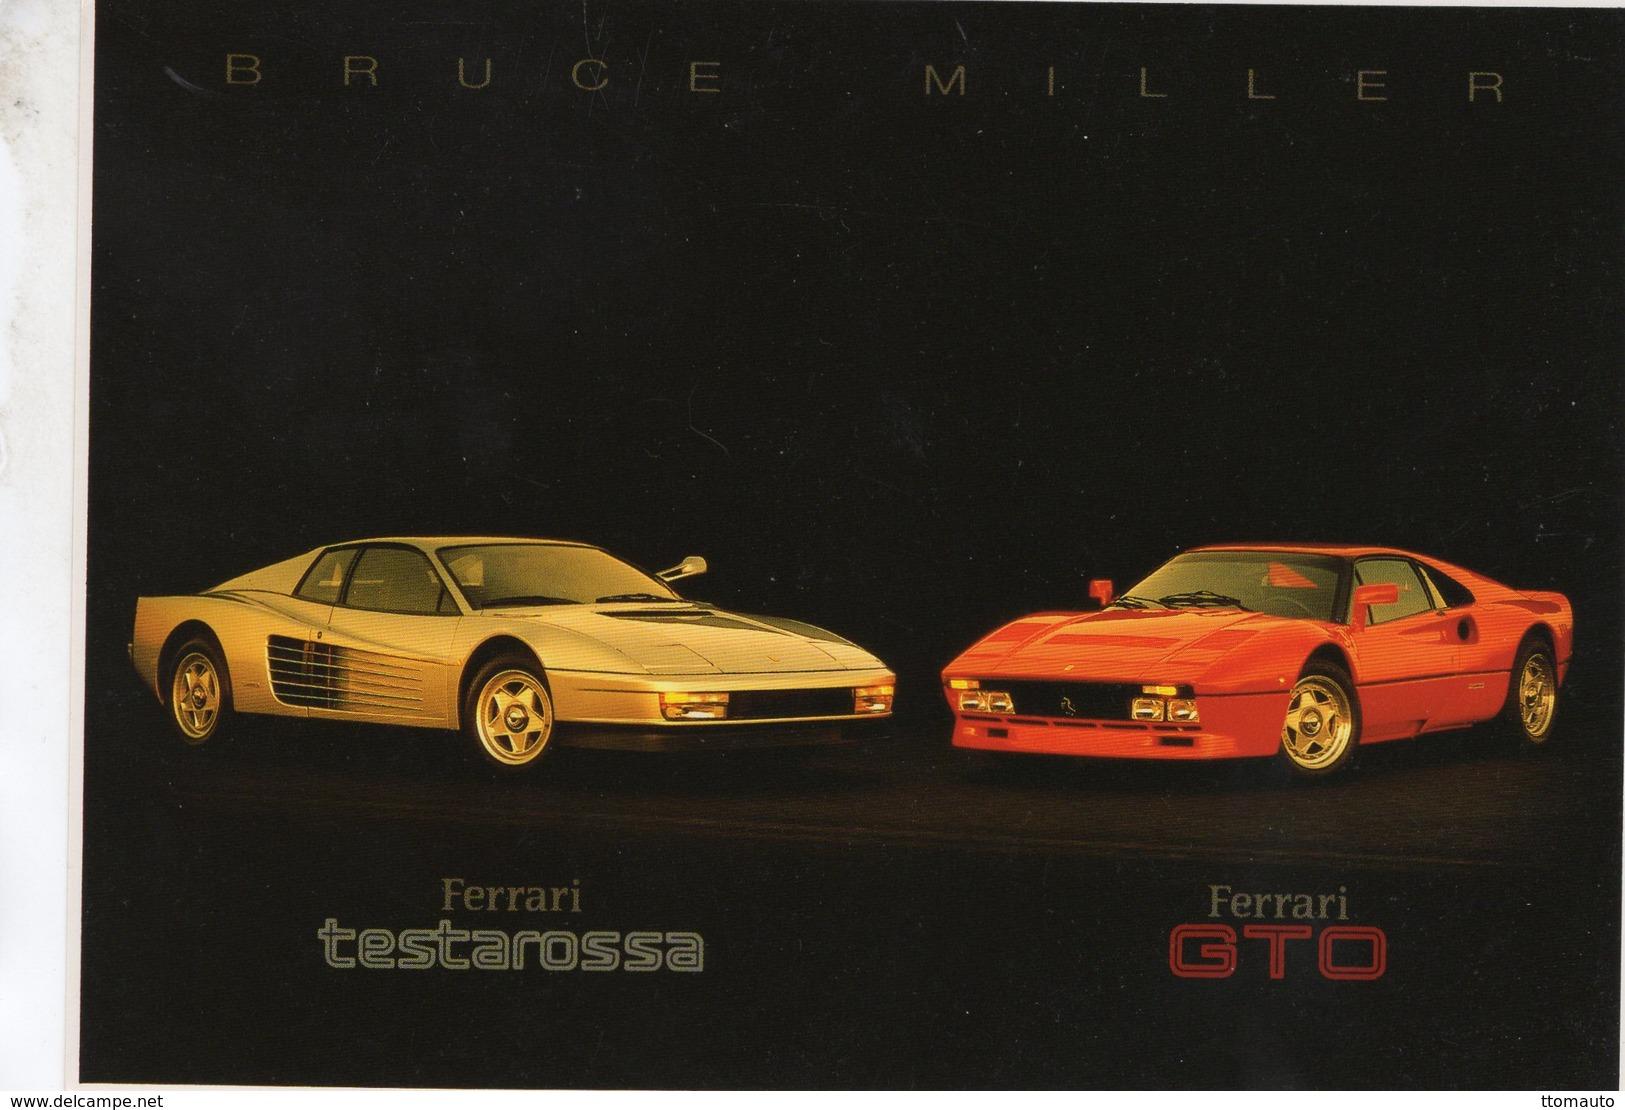 Ferrari Testarossa  -  Ferrari GTO  -  Photography Bruce Miller  -  Carte Postale - Turismo